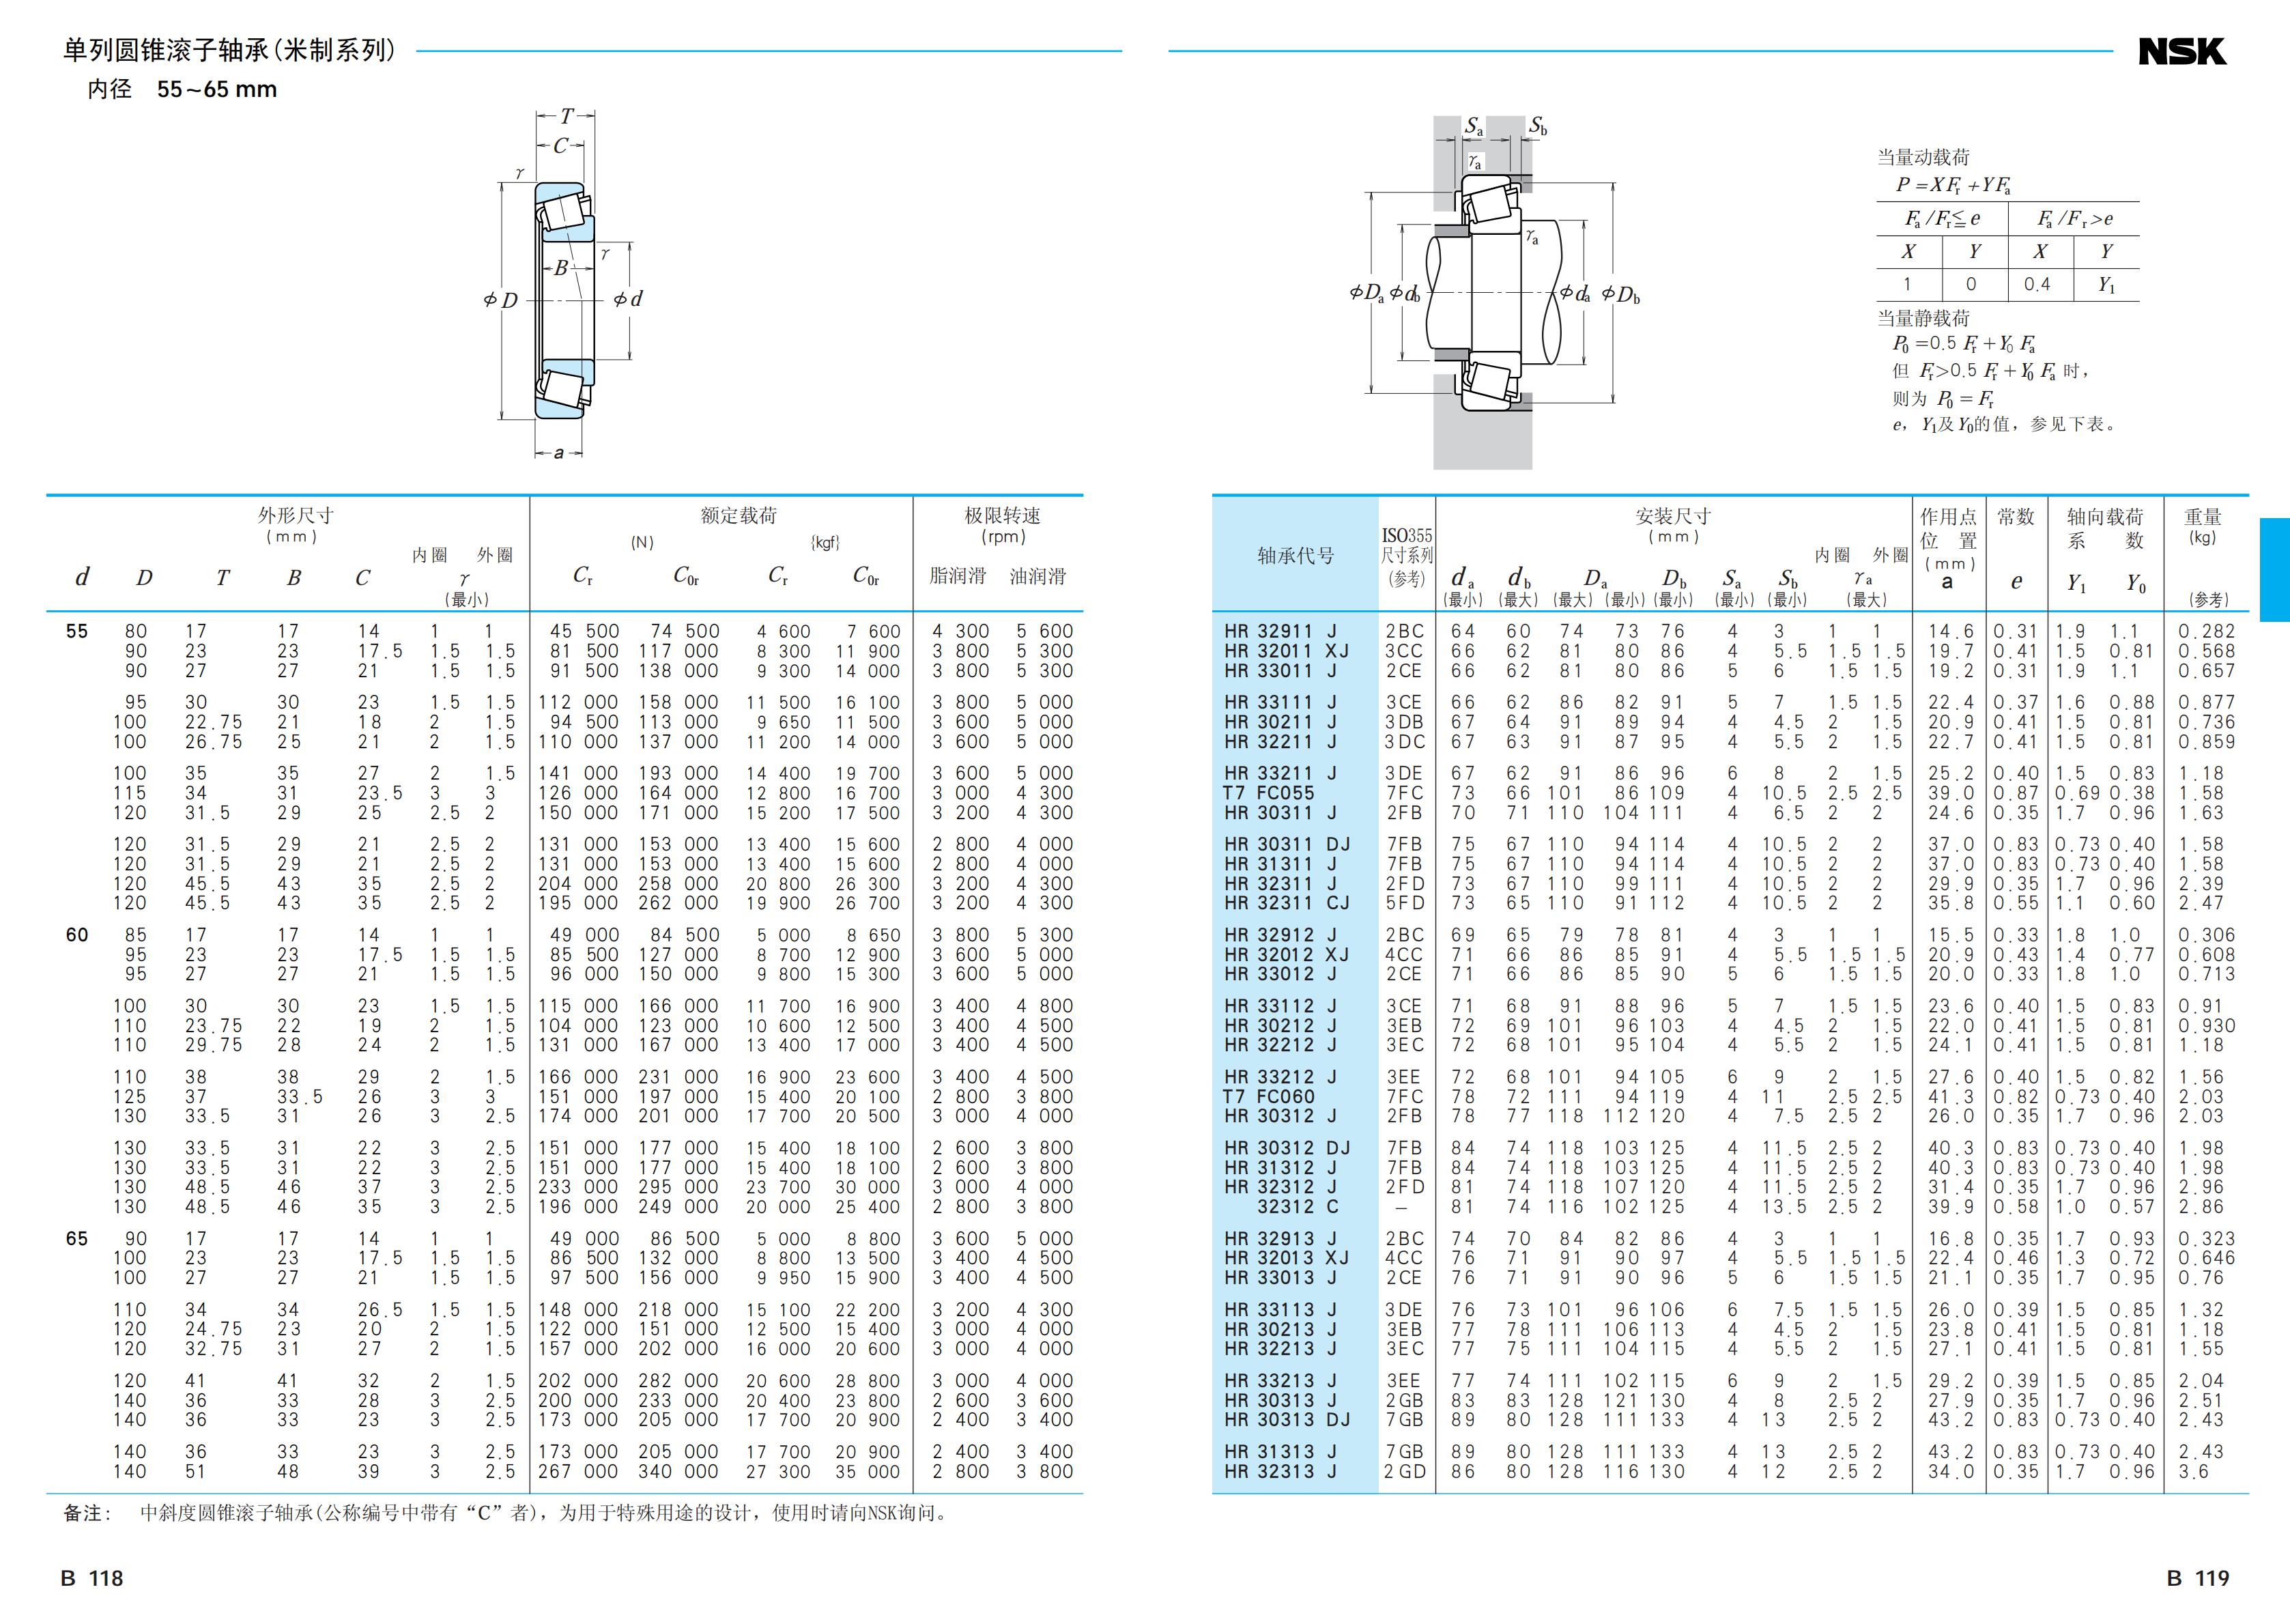 NSK NSK轴承 NSK圆锥滚子轴承HR30206J HR30208J HR30209J HR30306J NSK,NSK轴承,NSK进口轴承,NSK圆锥滚子轴承,NSK代理商